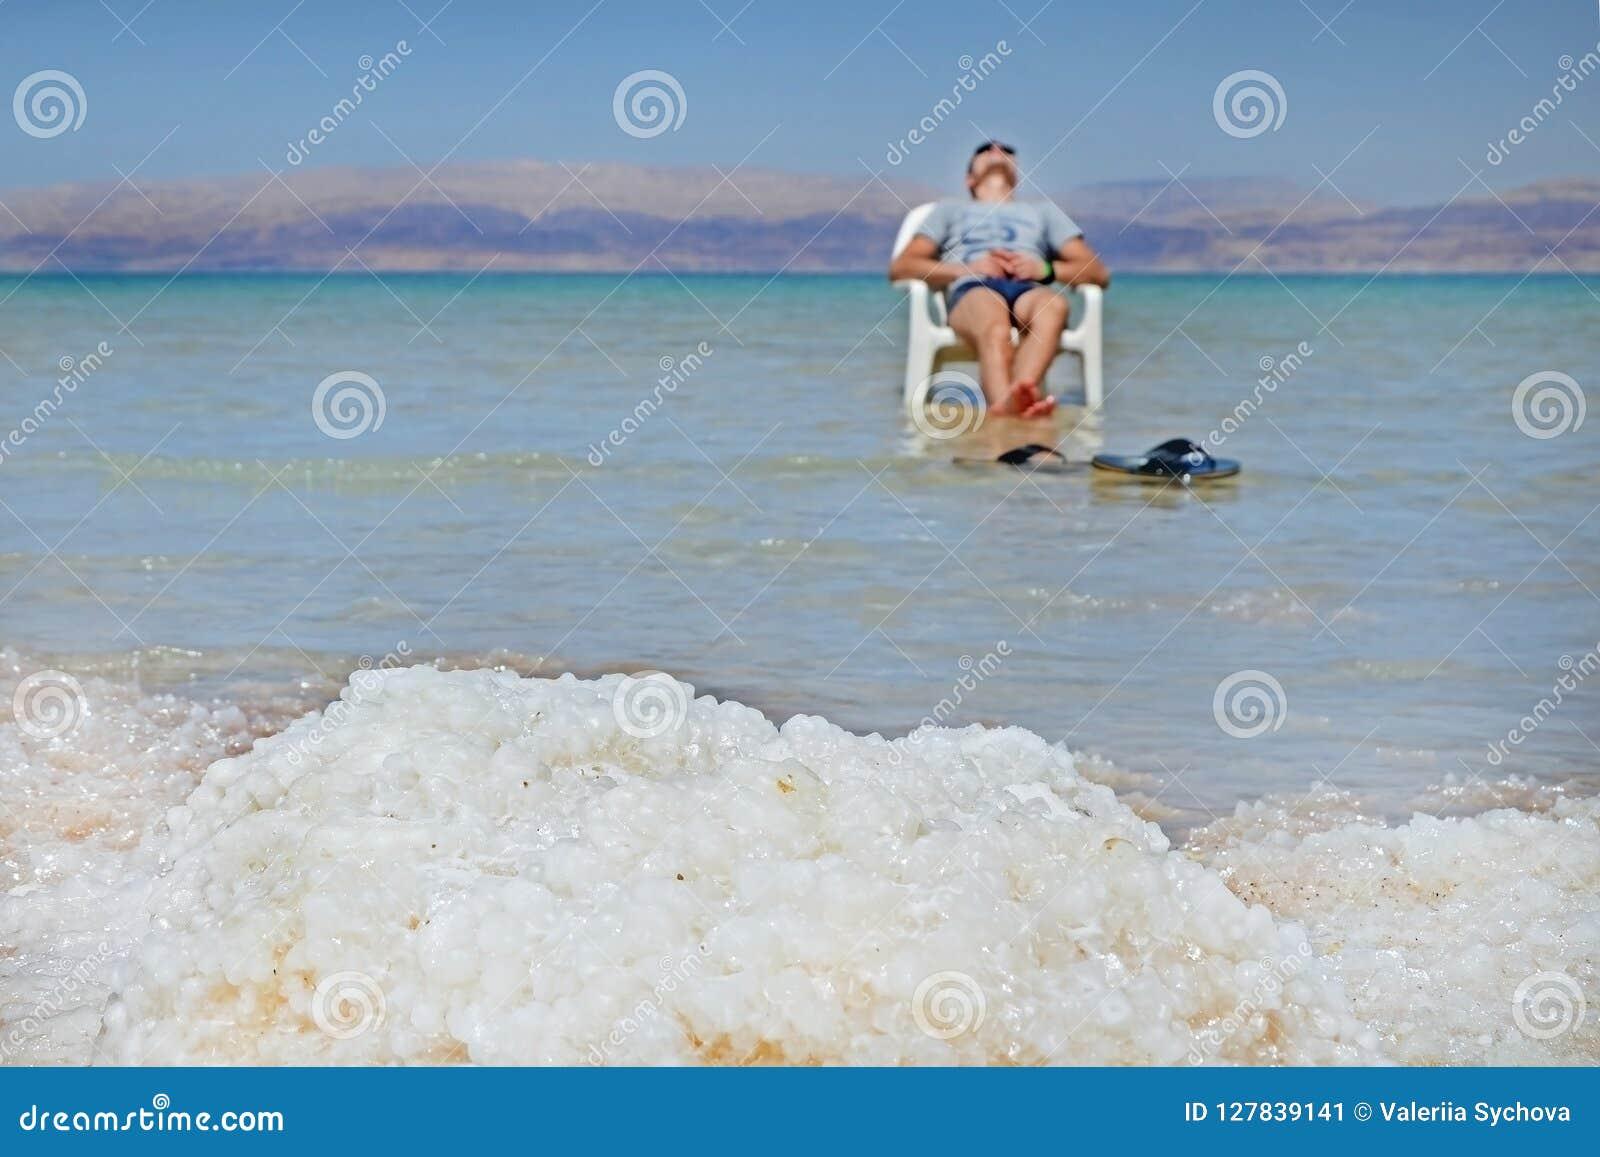 La morena joven del individuo toma el sol en una silla en el mar muerto Opinión Jordan Mountains de las orillas del mar muerto en